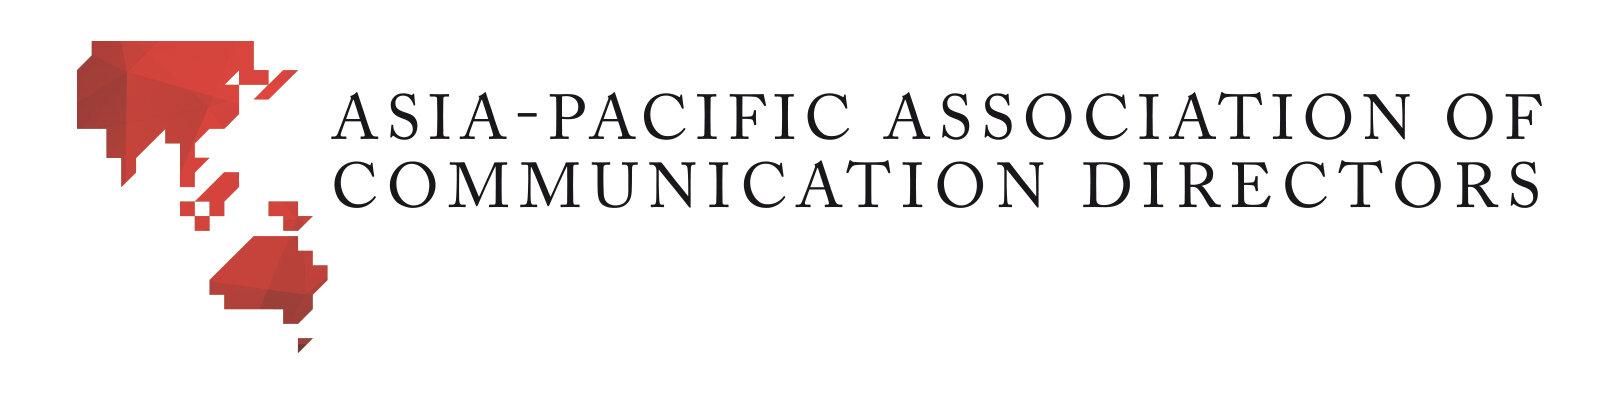 APACD+Logo.jpg